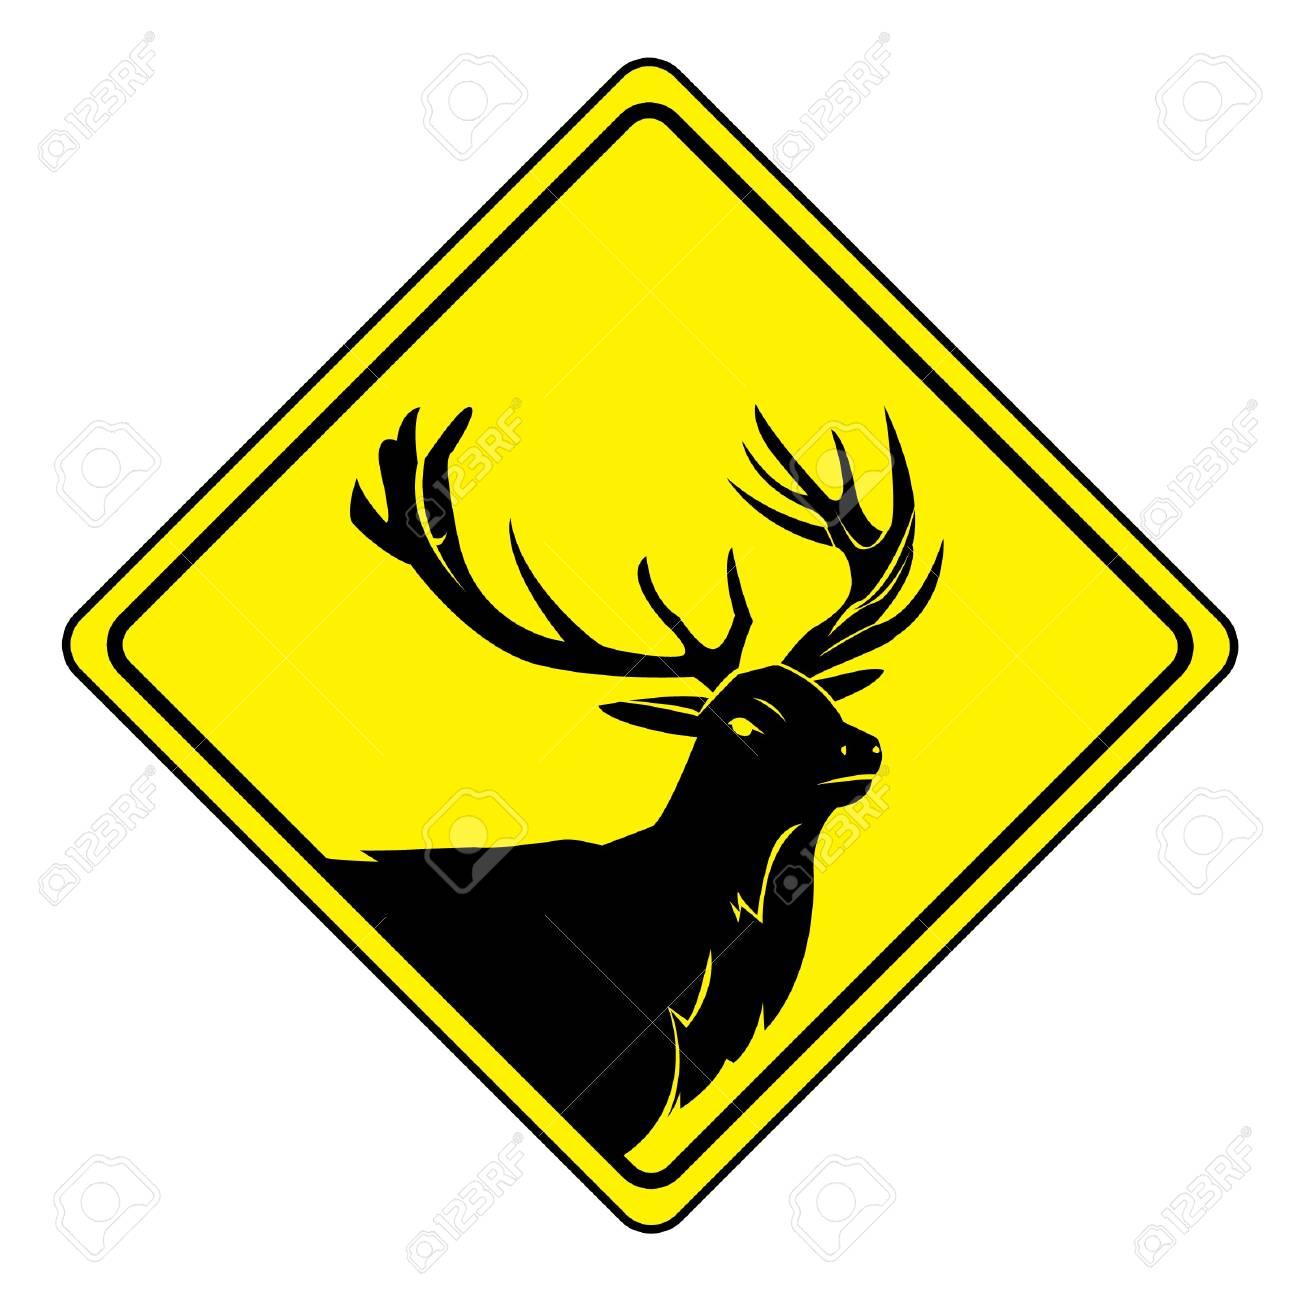 deer sign Stock Vector - 17444748